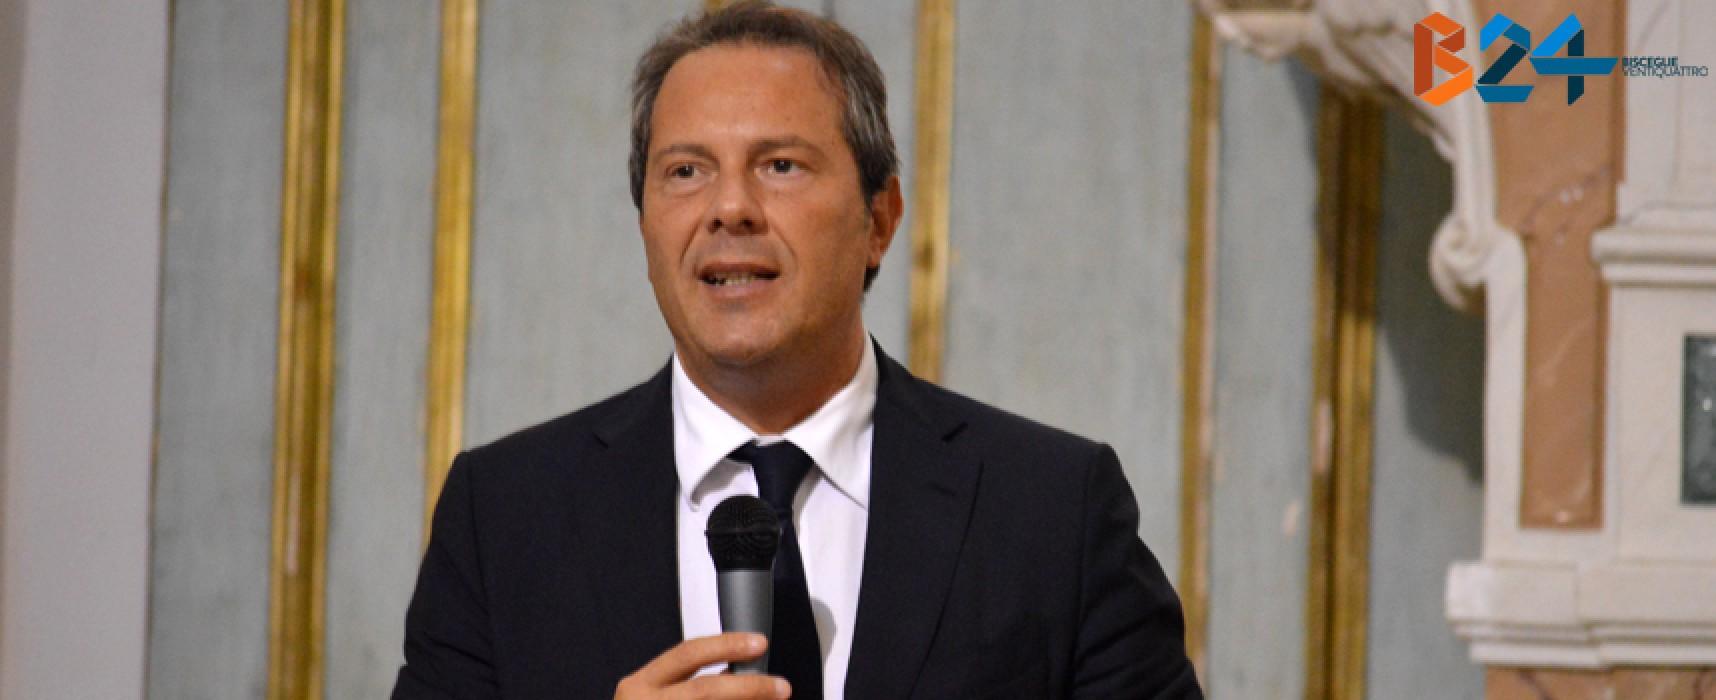 Il sindaco Spina non si è recato in missione a Milano, il comune chiarisce che non ci sarà nessun rimborso